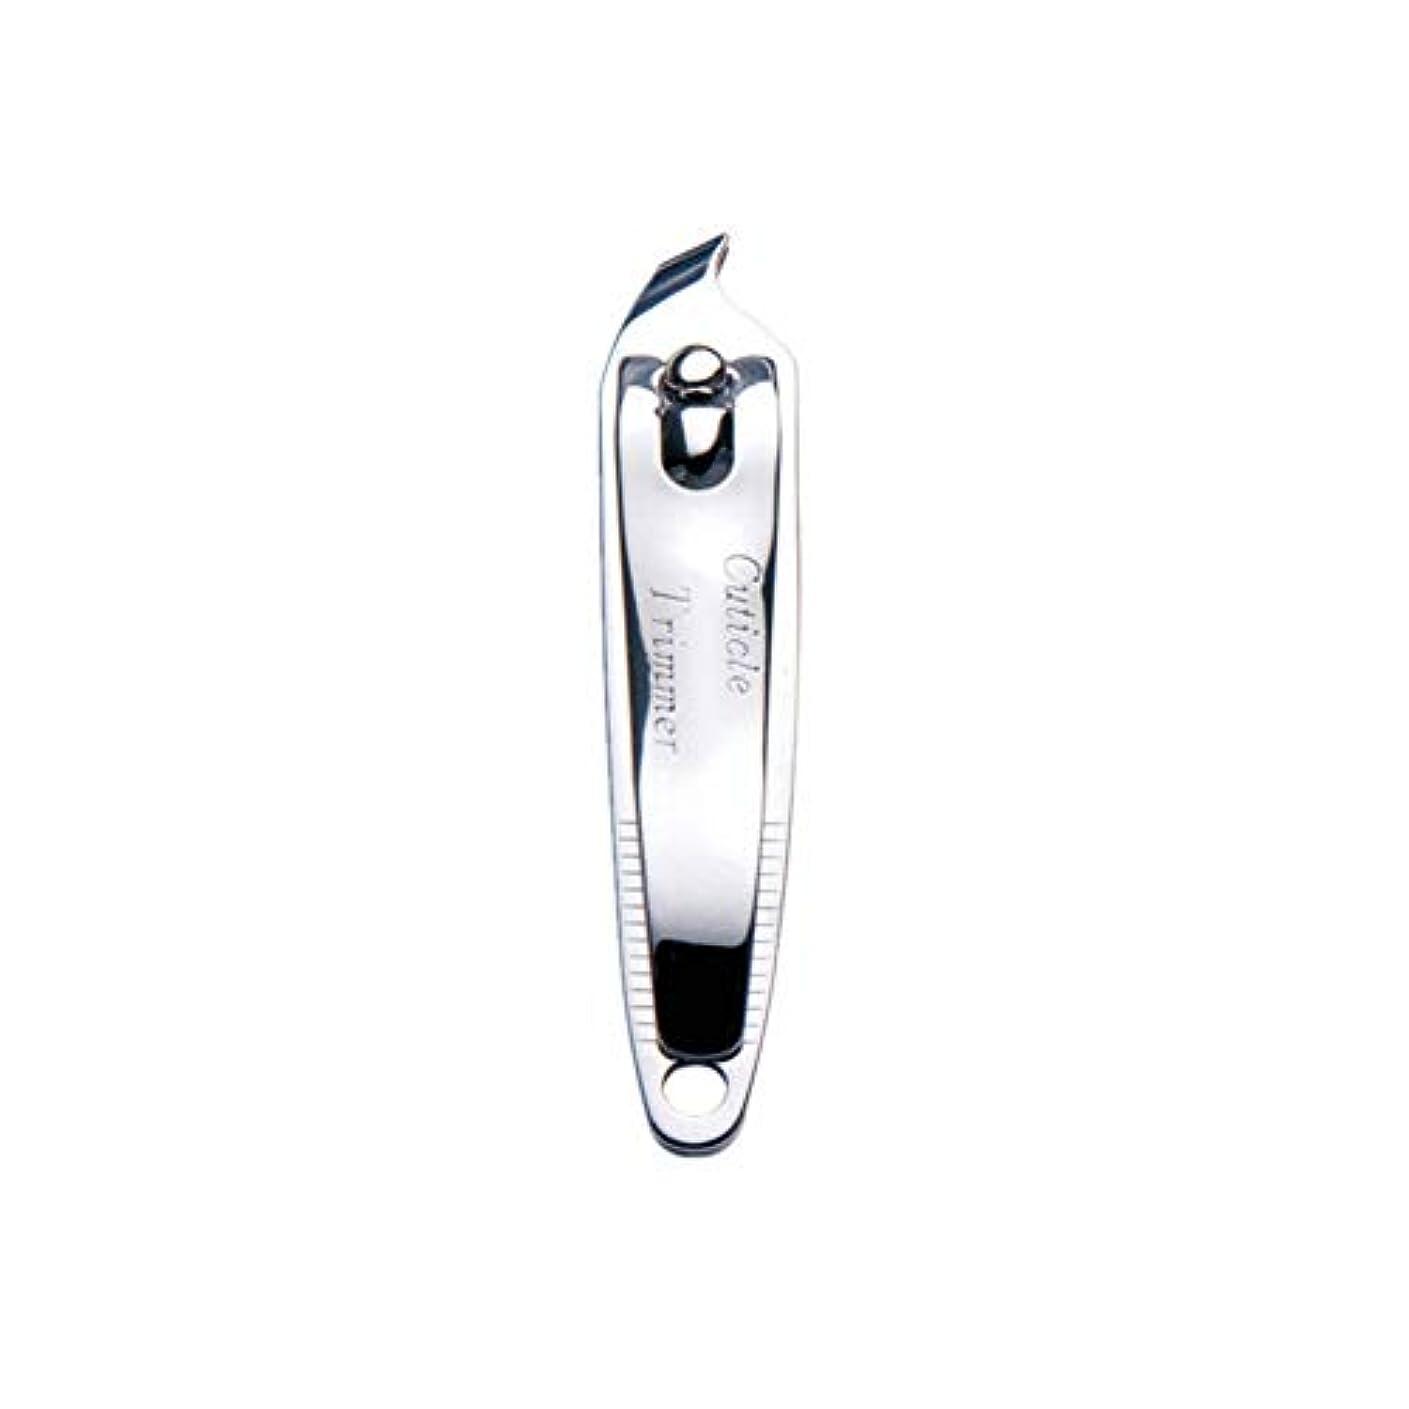 強化するユニークな師匠Chinashow 斜め口 高精度 爪切り - ステンレス鋼 余分な鋭い足 爪 クリッパー銀